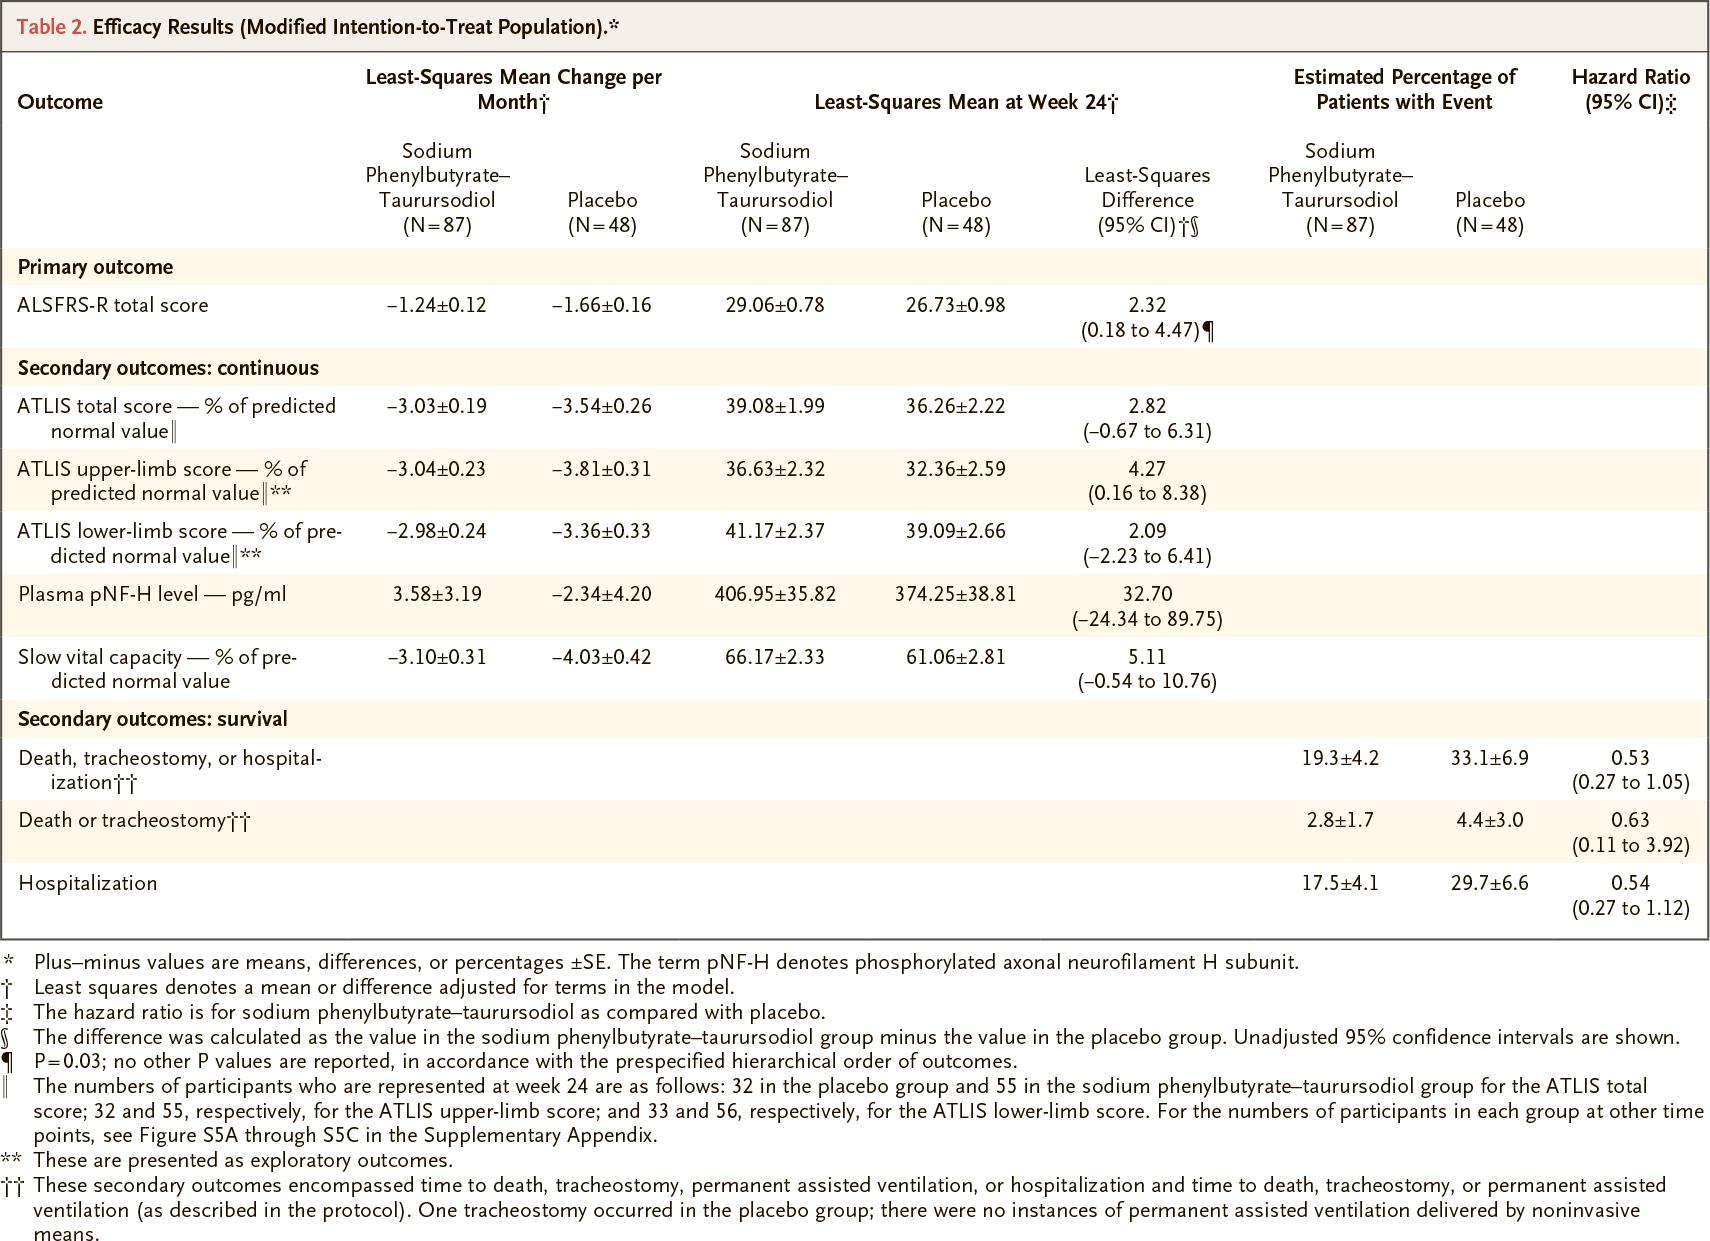 nct03127514 results 02 - Боковой амиотрофический склероз: новое лекарство на горизонте